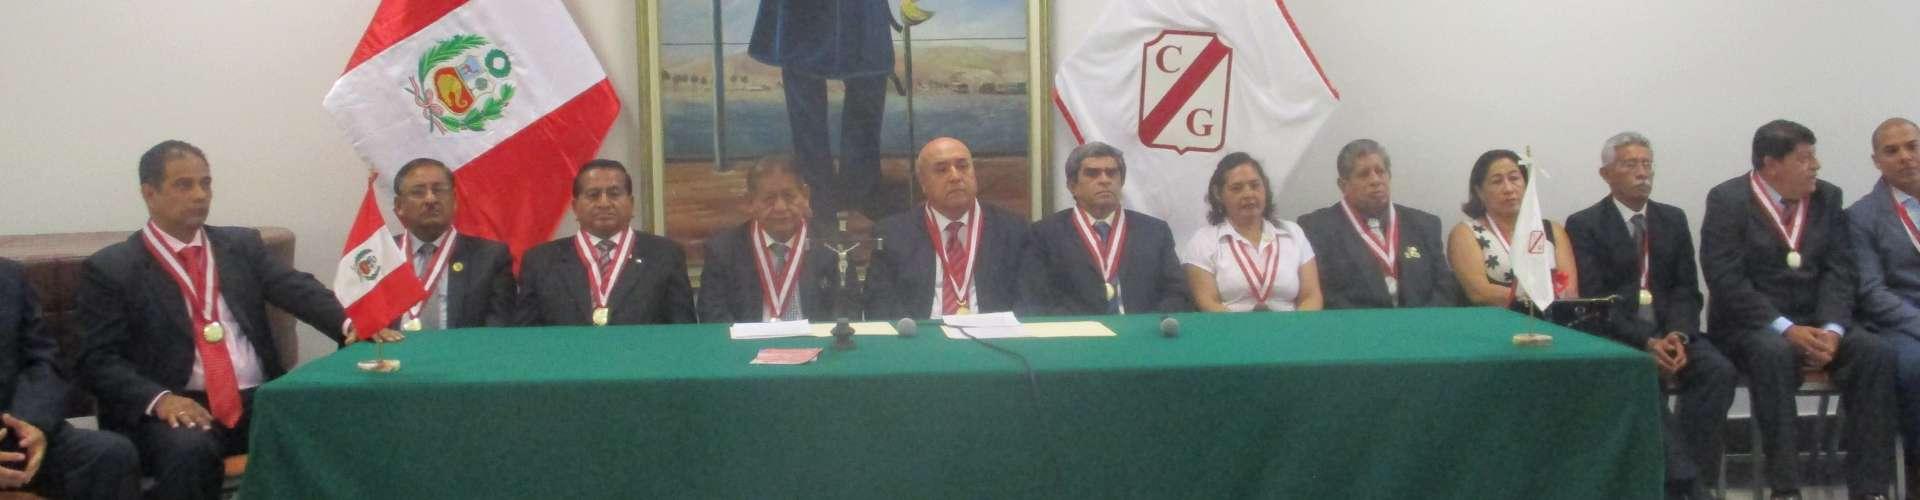 Consejo Directivo y Junta Calificadora 2018 - 2019